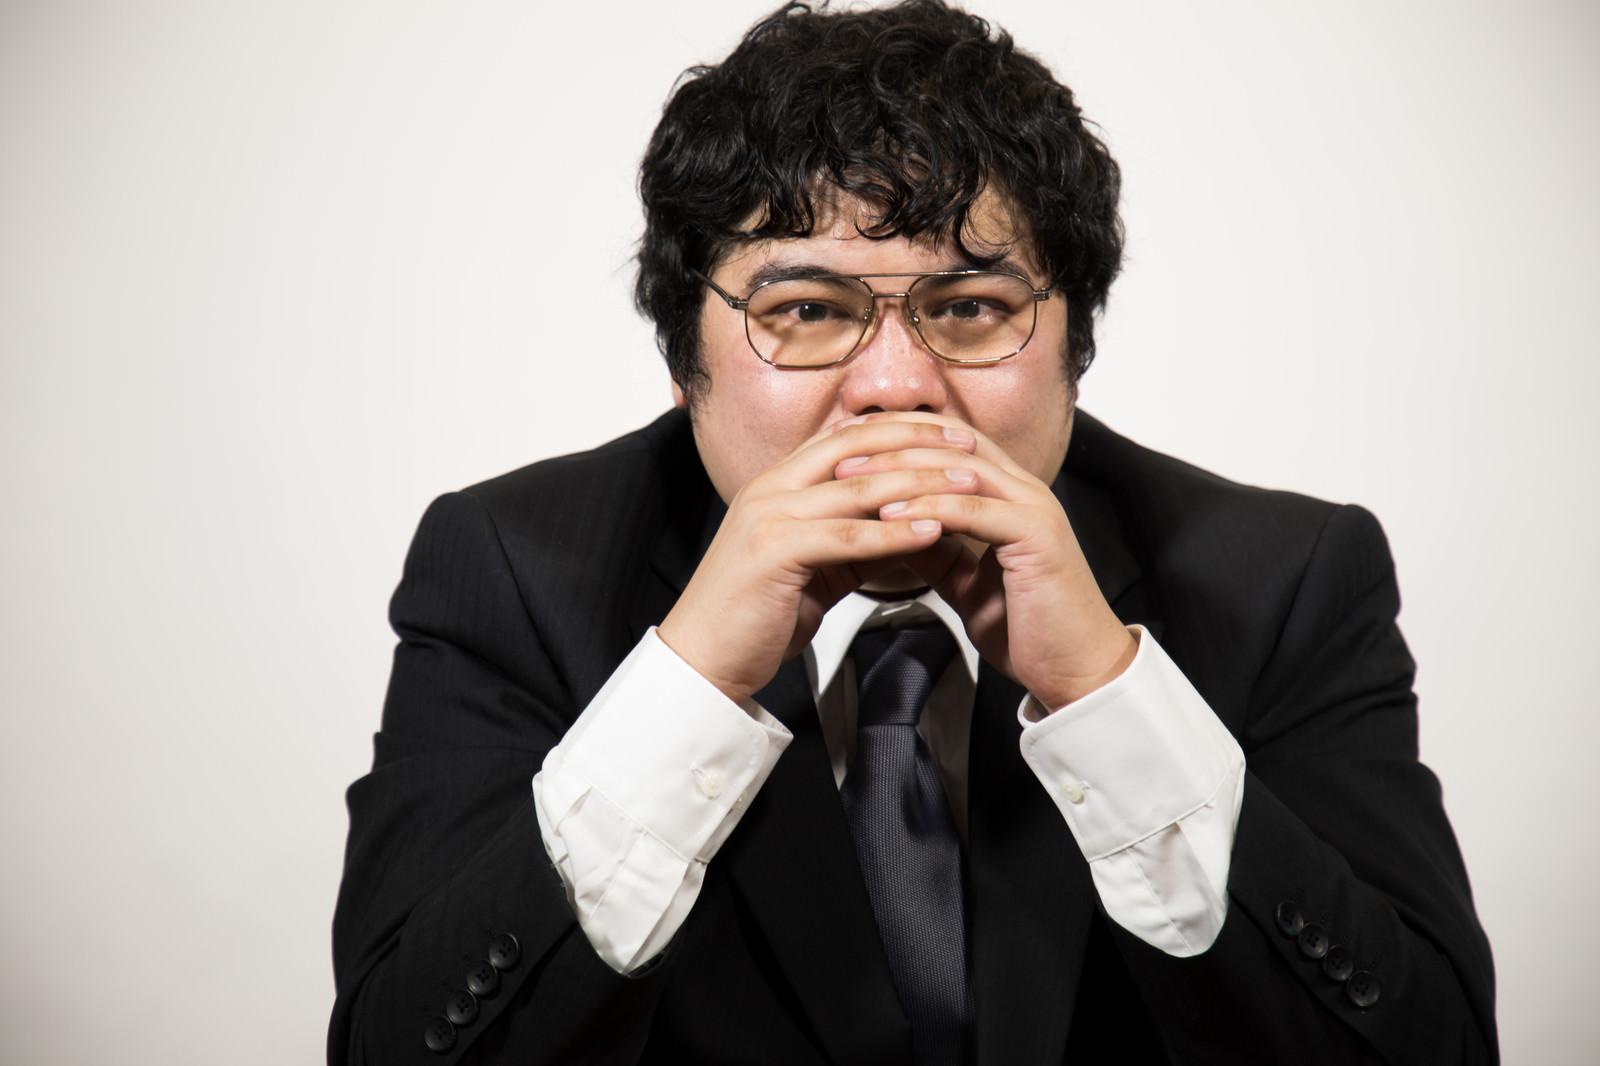 「行き詰った表情の司令官」の写真[モデル:段田隼人]